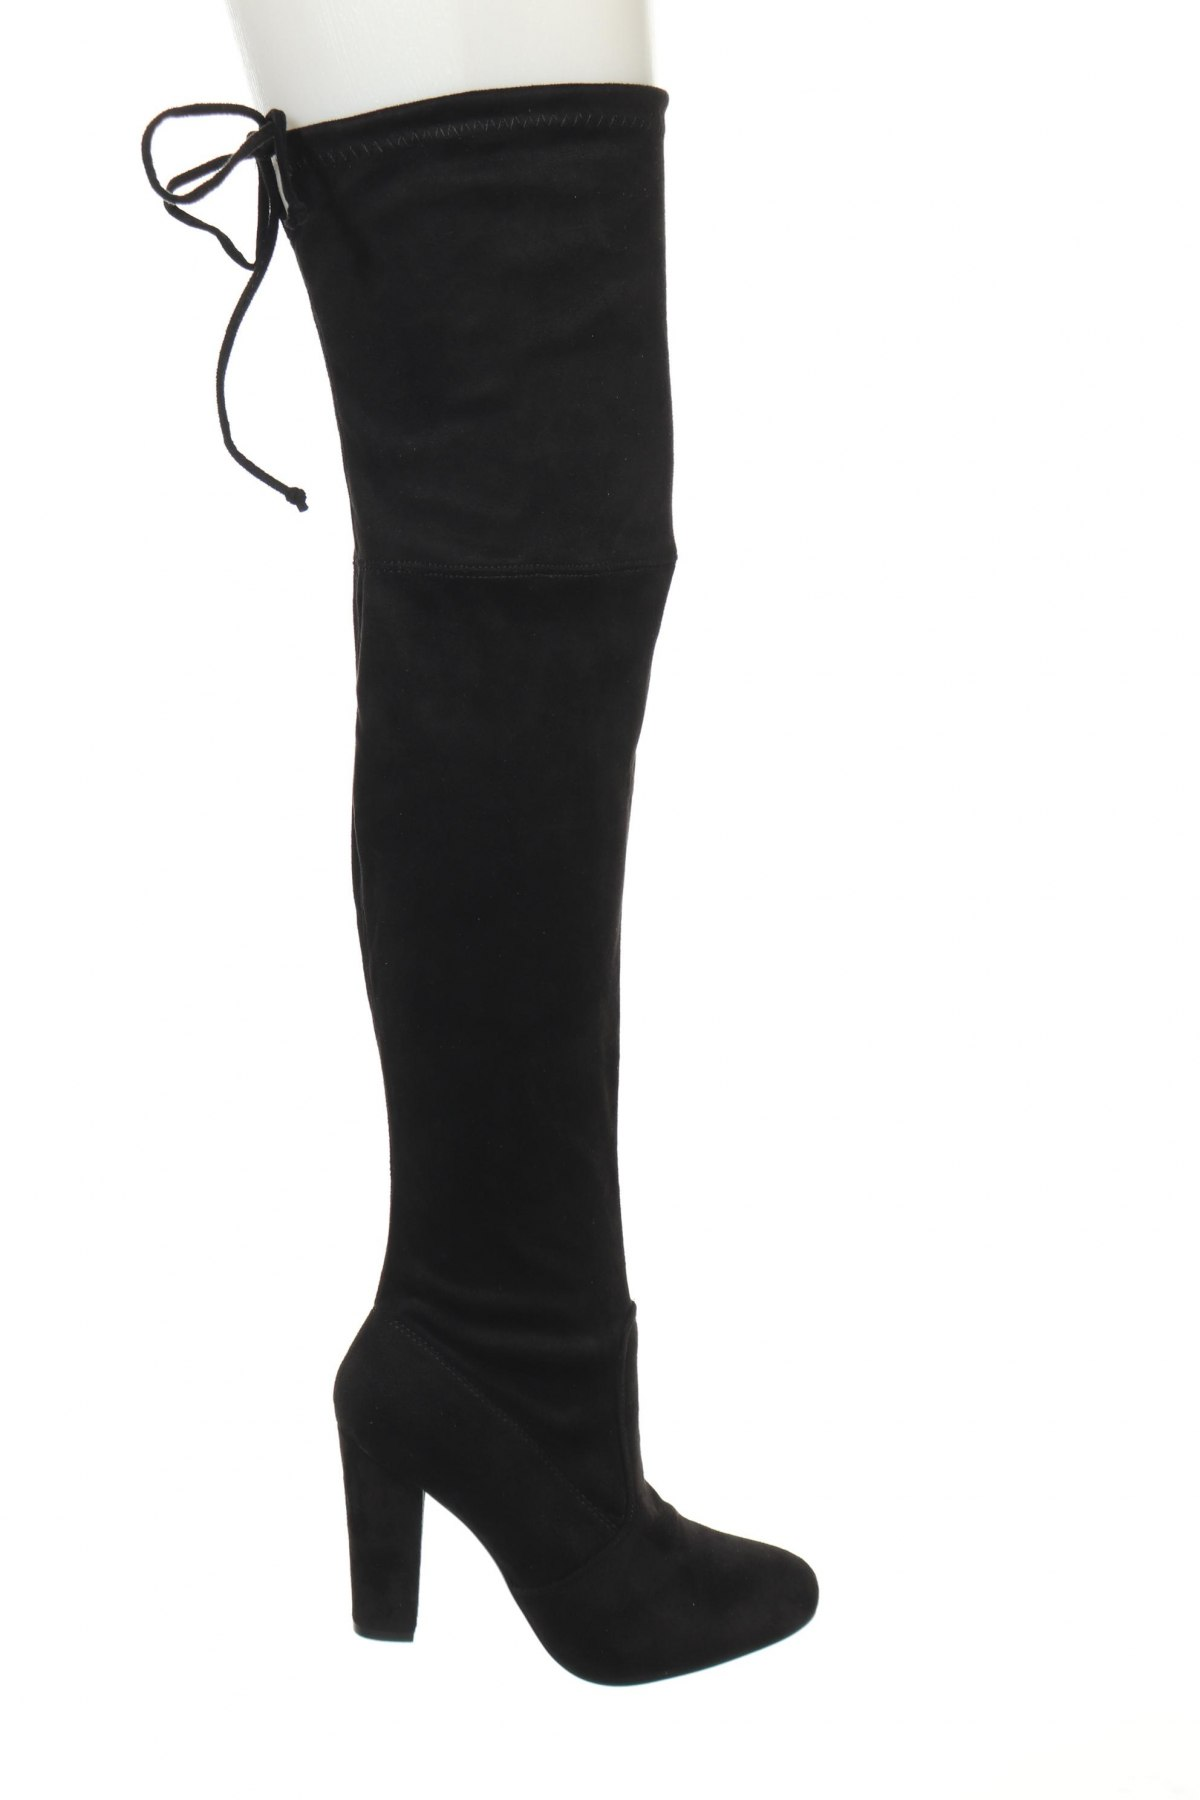 Γυναικείες μπότες Koi footwear, Μέγεθος 39, Χρώμα Μαύρο, Κλωστοϋφαντουργικά προϊόντα, Τιμή 14,29€